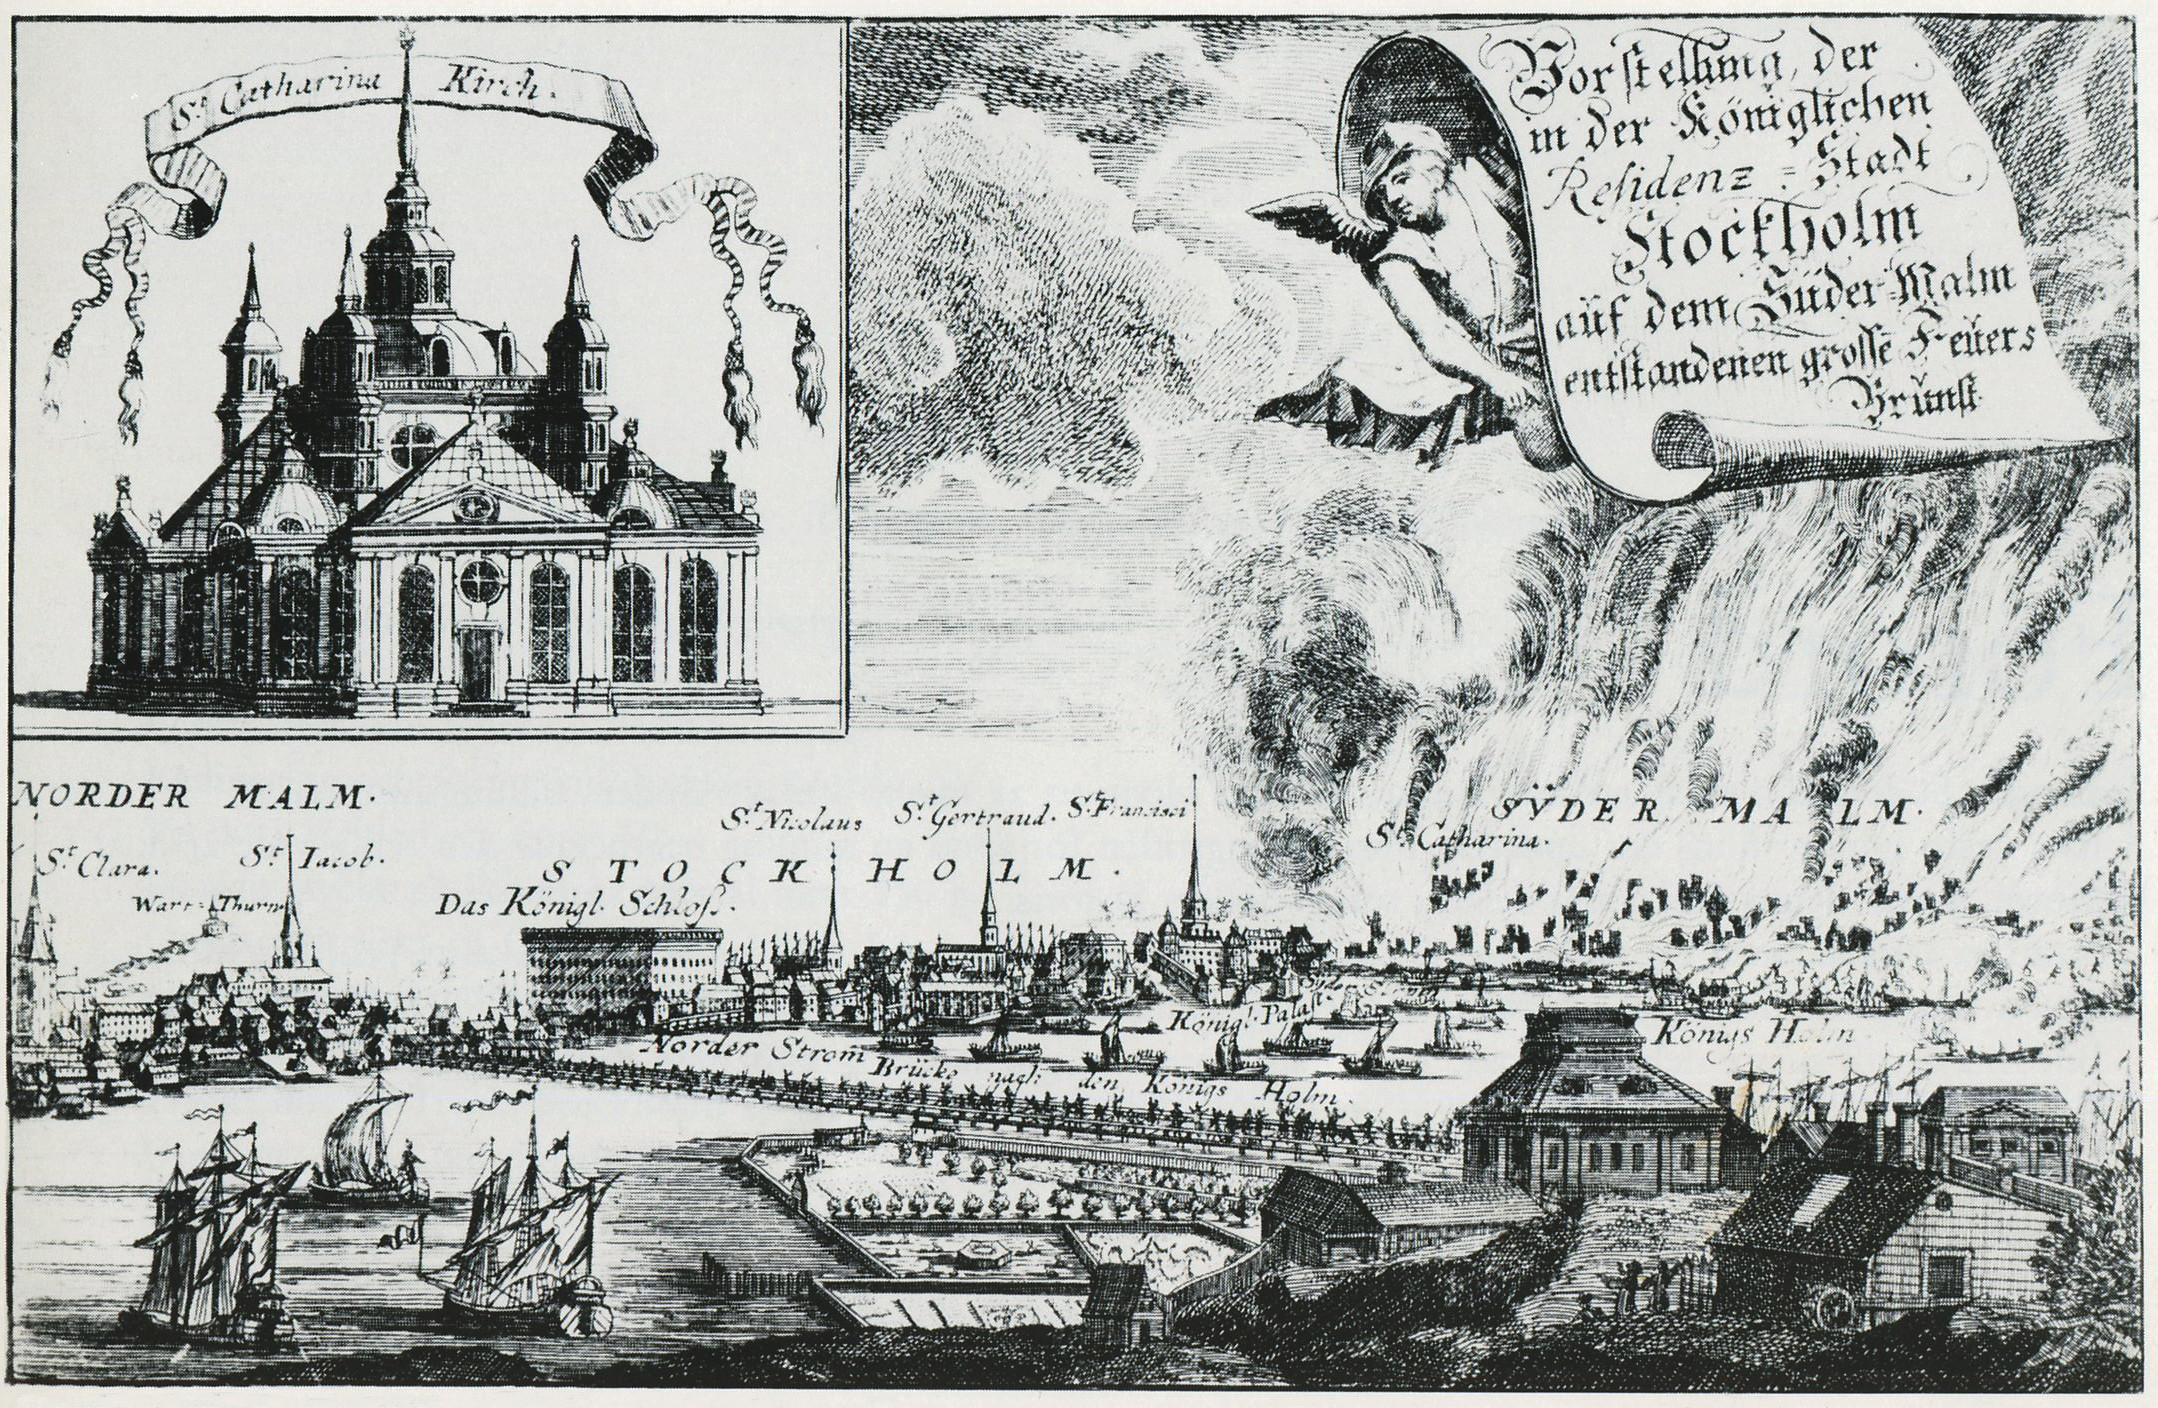 1723 in Sweden - Wikipedia